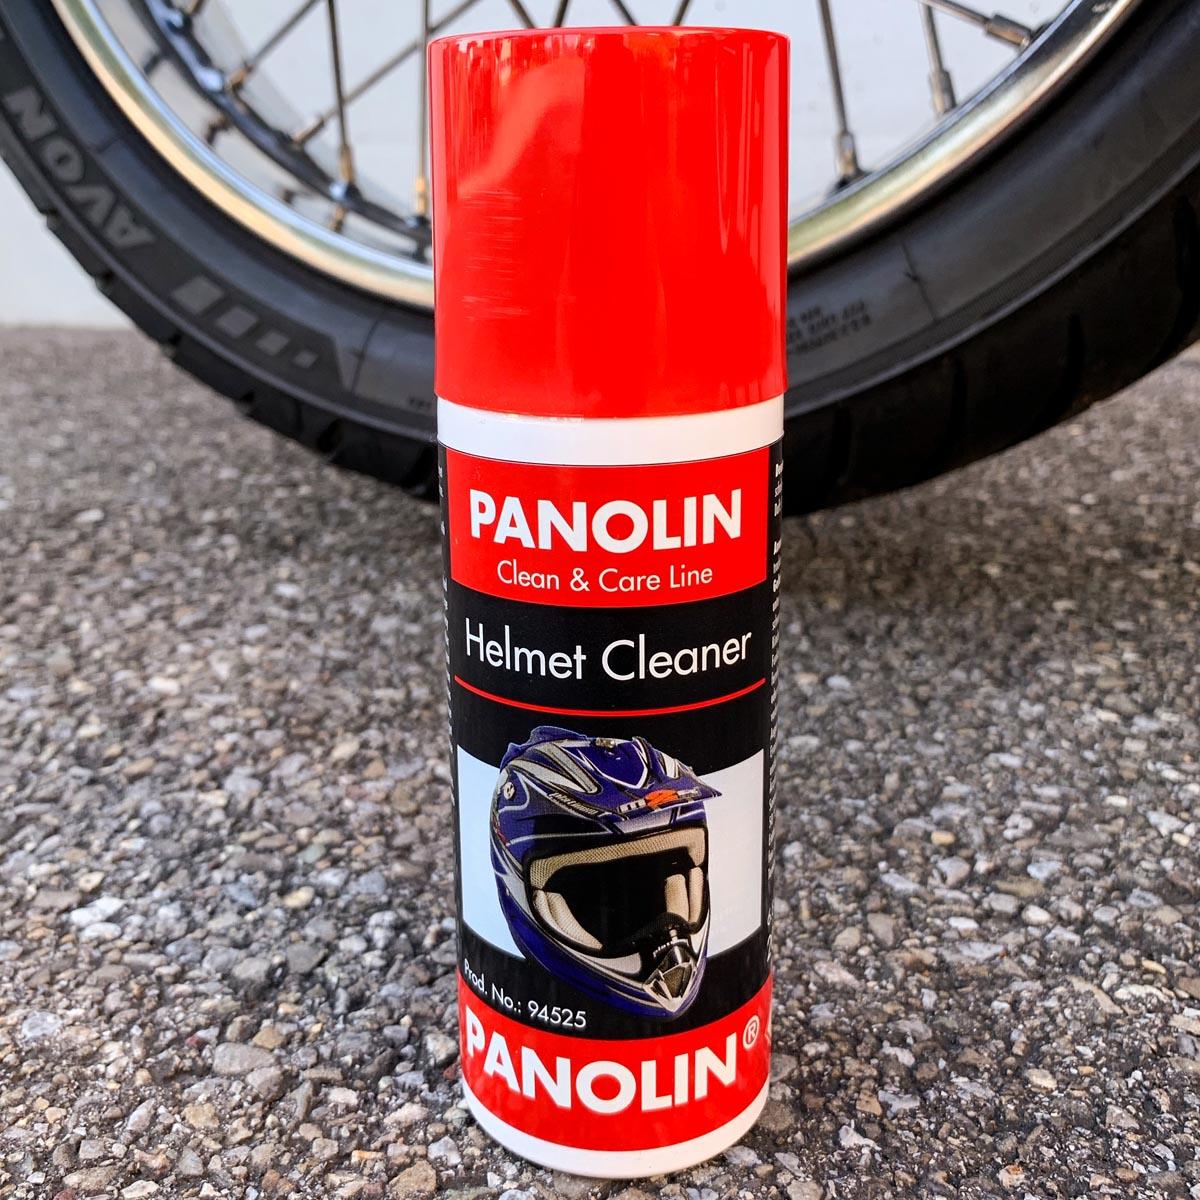 Helmreinigungsspray PANOLIN HELMET CLEANER Spray: Reinigungs- und Pflegeschaum für Helmschale und Innenpolster, verleiht einen angenehmen Duft und frischt Farben auf.